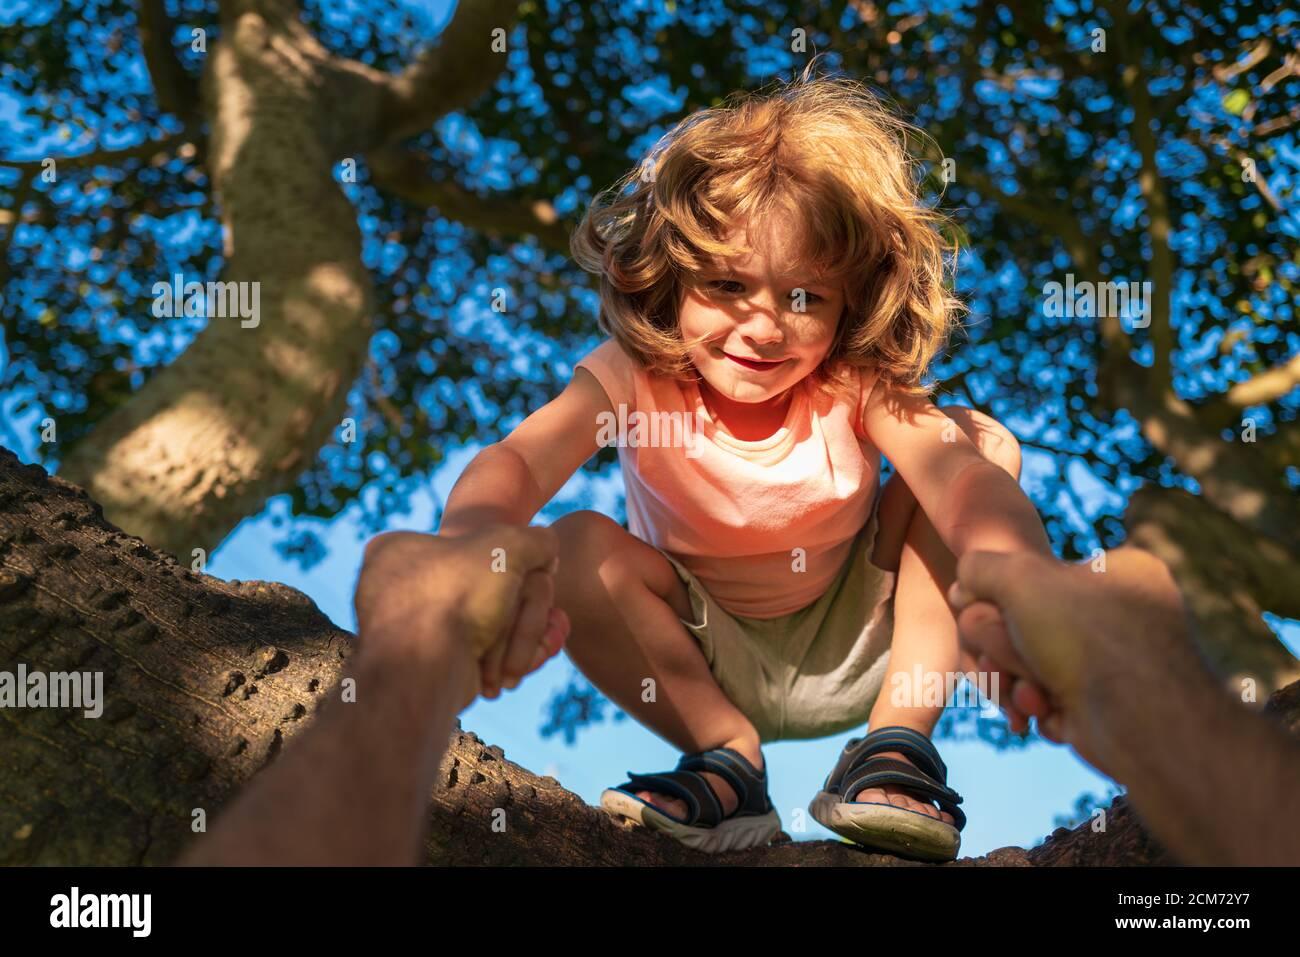 Un jeune garçon heureux enfant assis dans un arbre. Le parent tient la main d'un enfant. Père enseignant son arbre de montée. Banque D'Images